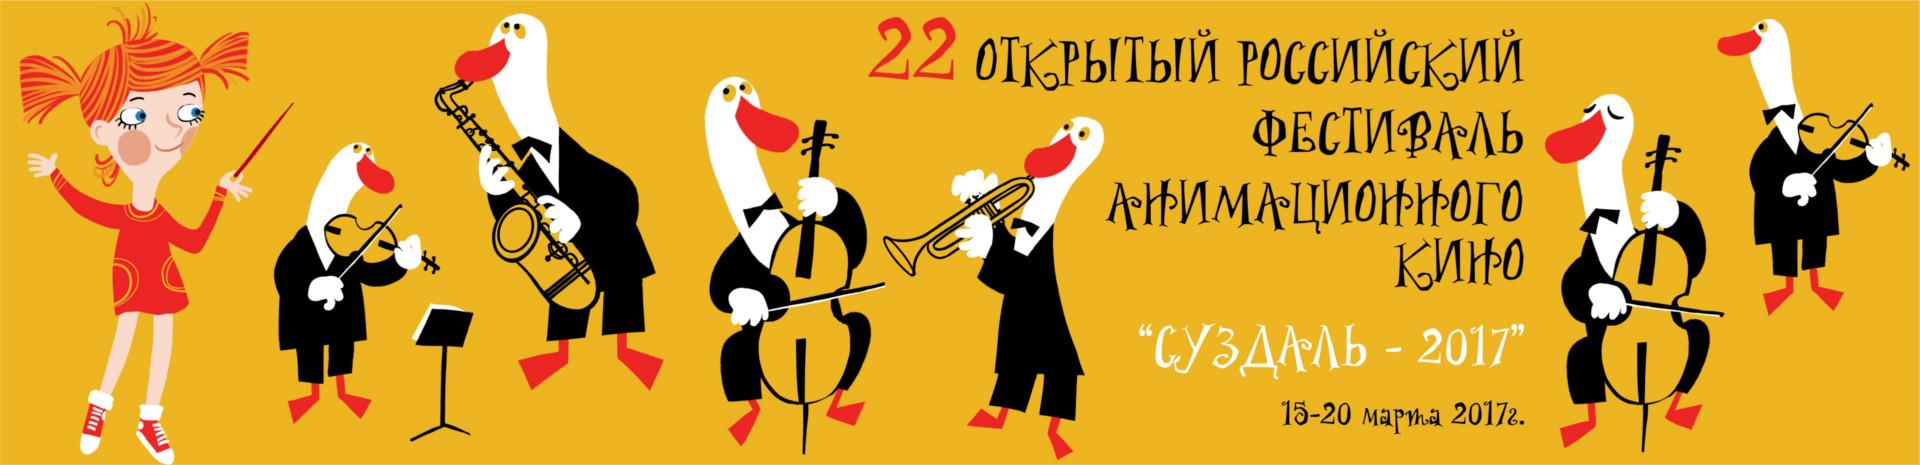 Плакат фестиваля 2017 (2)